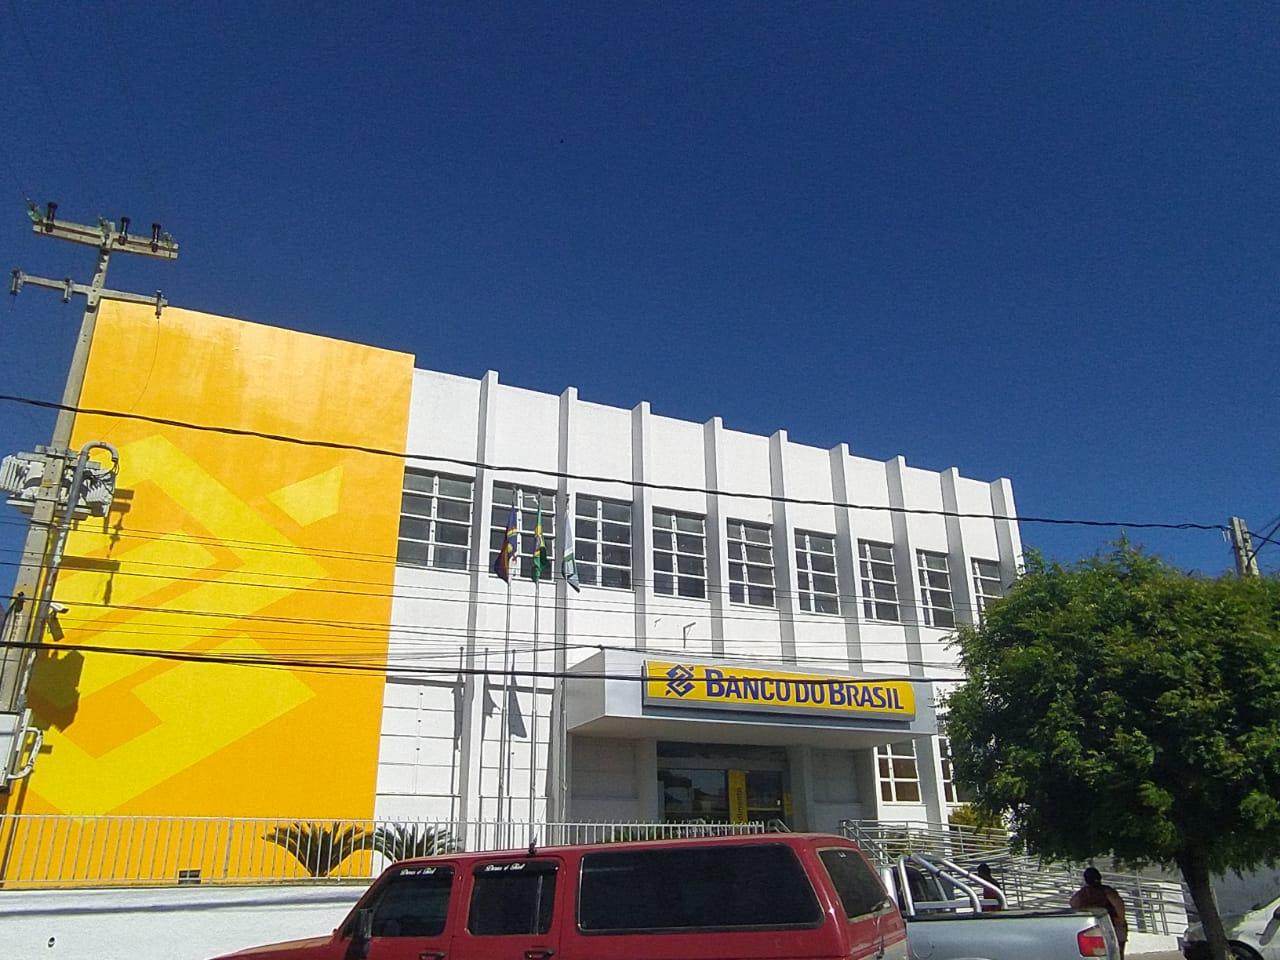 Problemas com internet deixa caixas eletrônicos sem funcionar em agência do Banco do Brasil em SJE